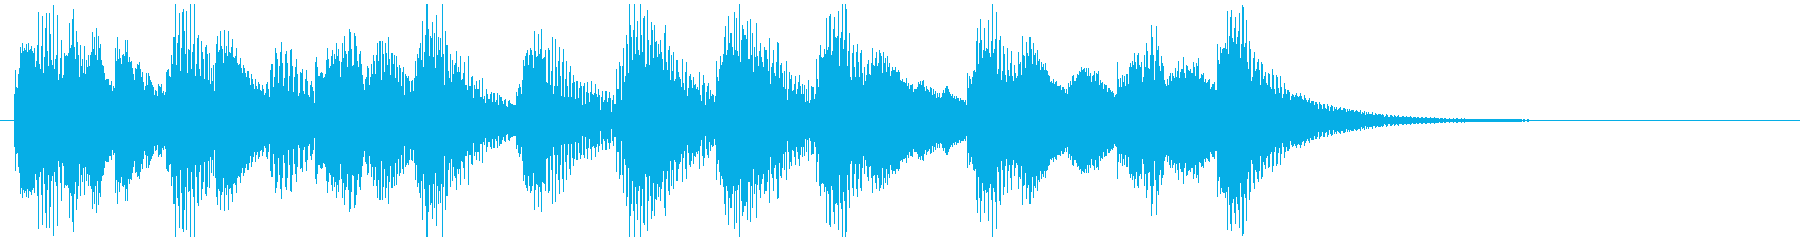 魔法CMハロウィン映像用の怪しく可愛い曲の再生済みの波形